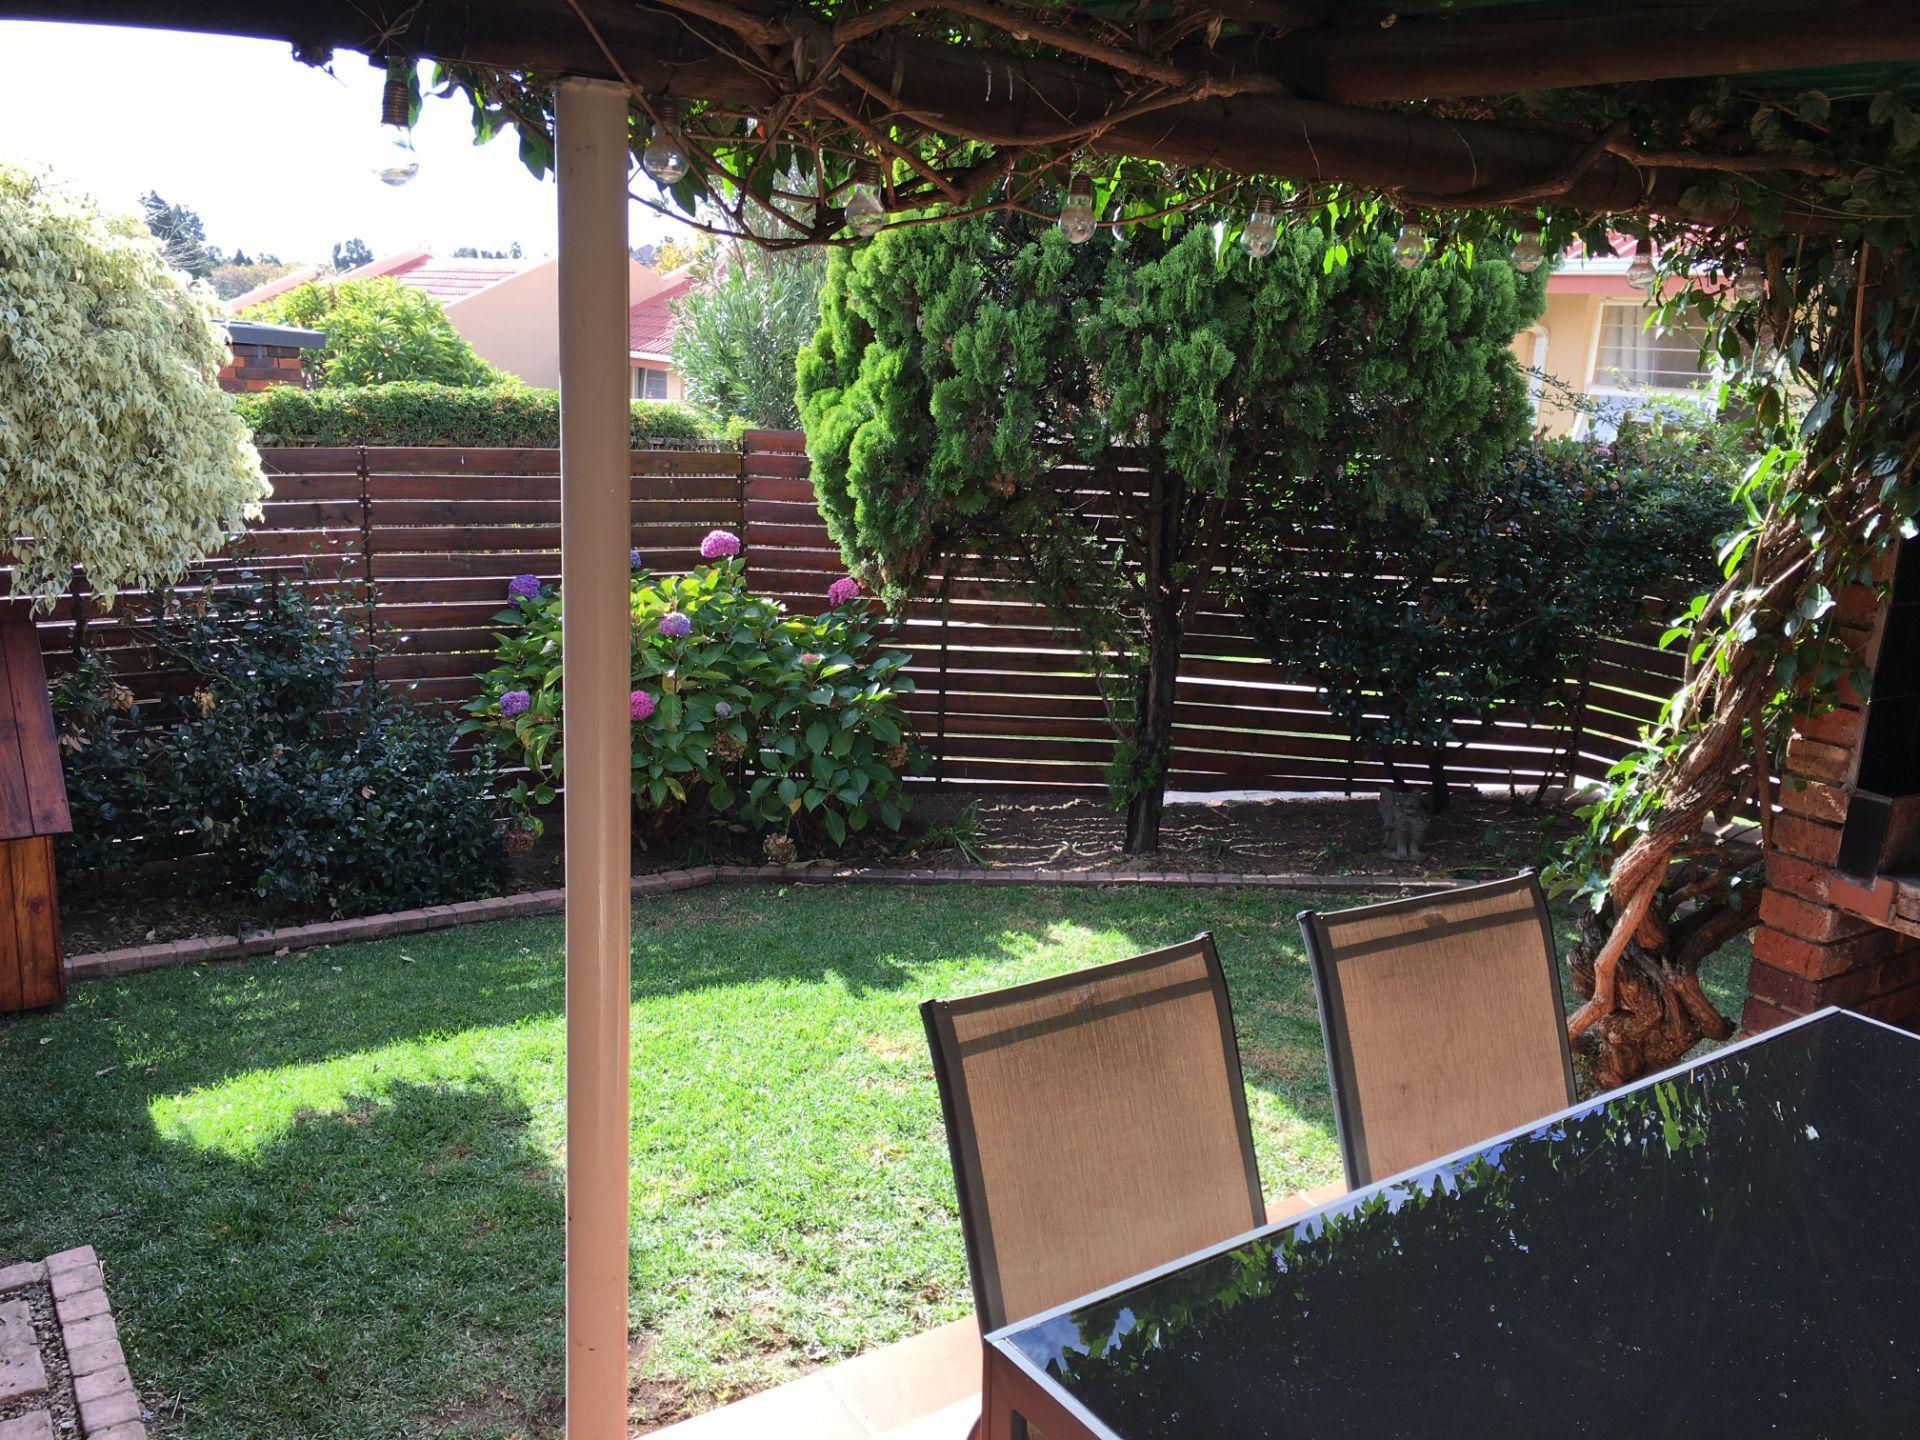 26_VT 23 Patio and Garden_2.JPG